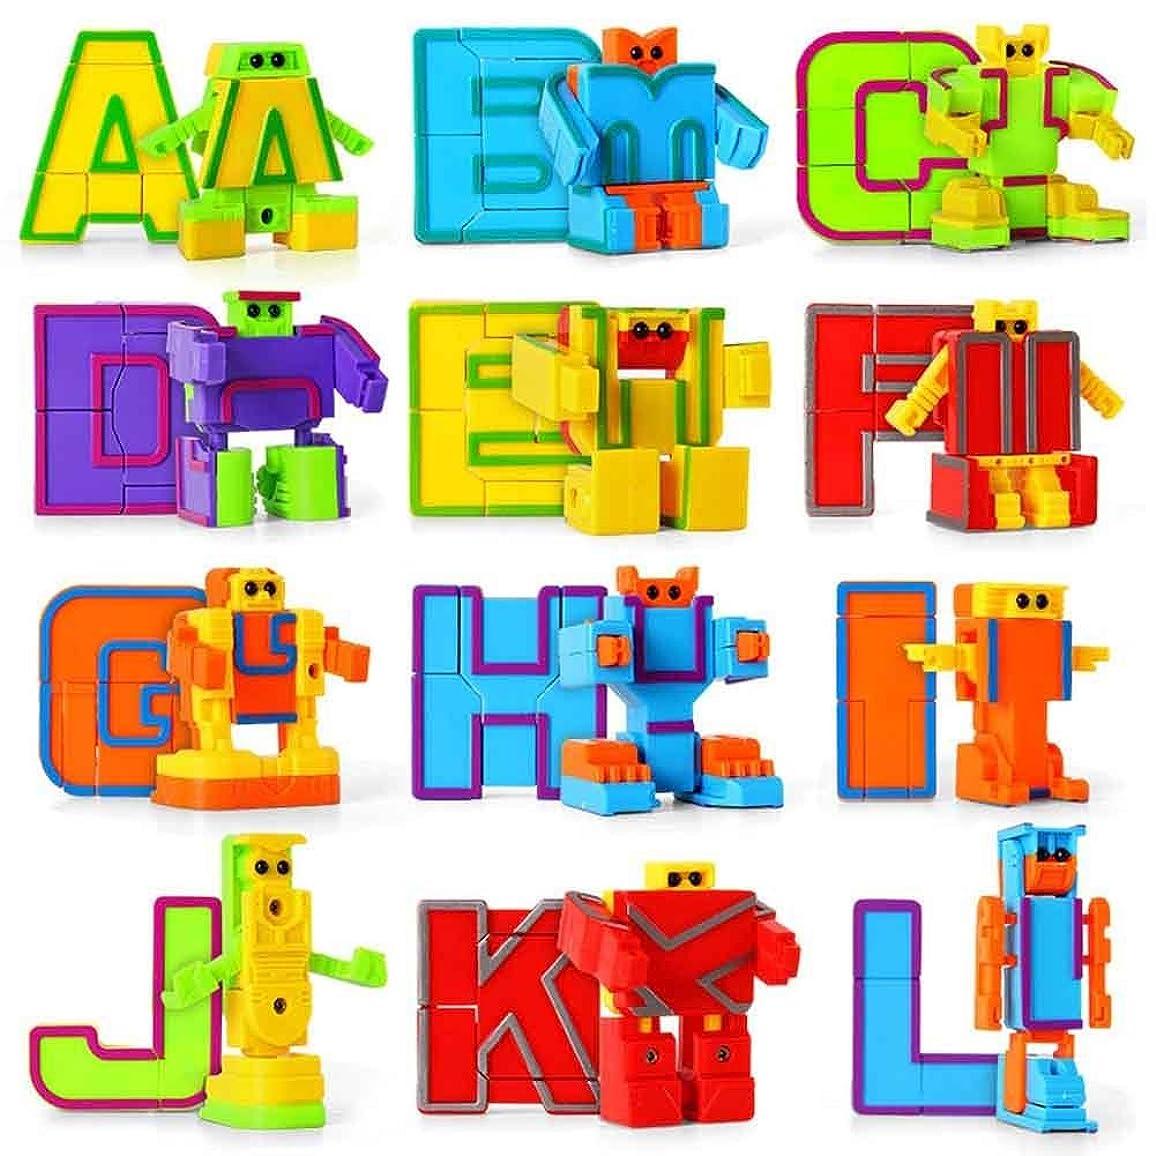 奇妙なレシピつぶやきモンテッソーリ 円柱さし 円柱4色 木製 知育玩具 ブロック おもちゃ 感覚教具 指先訓練 ソケット式 女の子 男の子 祝い プレゼント 4本セット